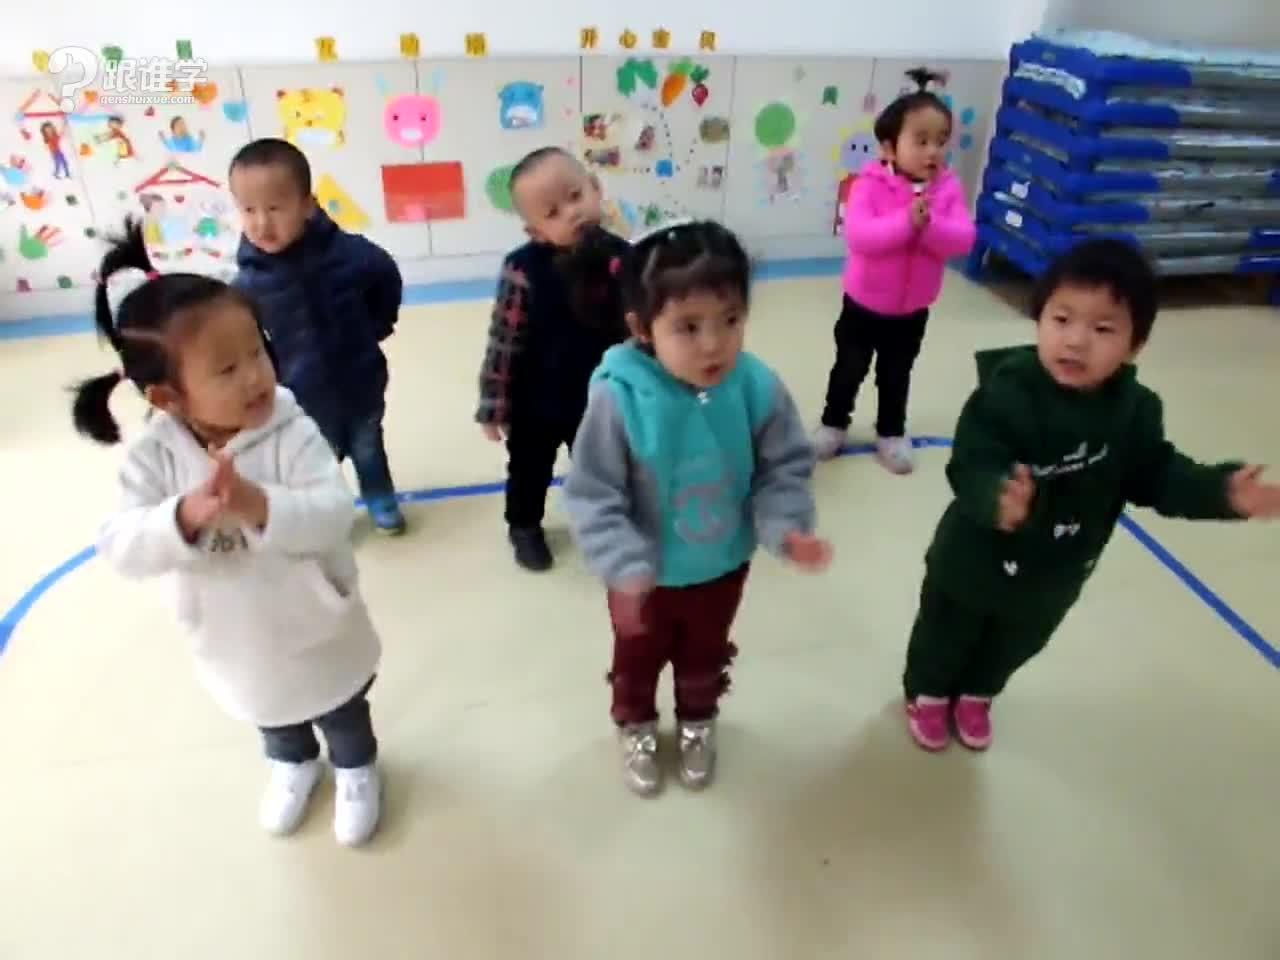 幸福泉幼儿园 视频